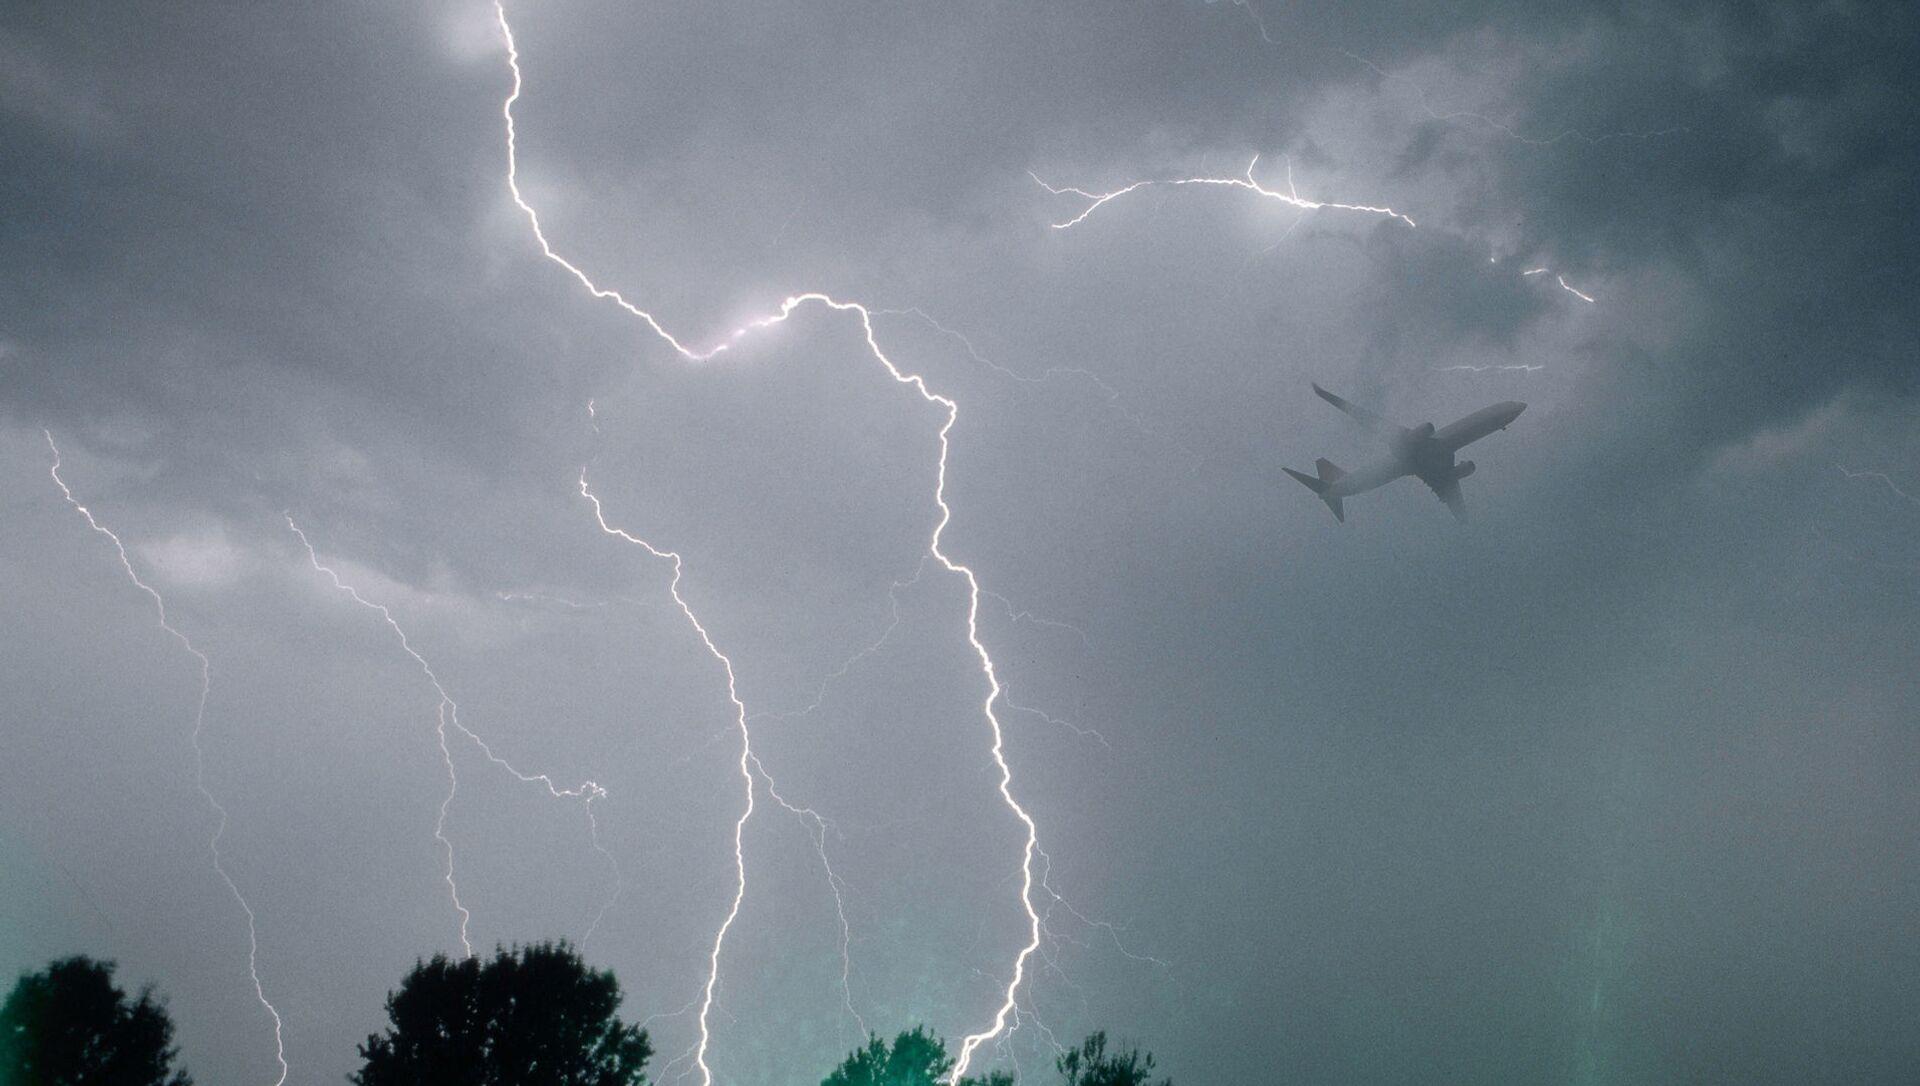 Полет самолета во время грозы - Sputnik Азербайджан, 1920, 02.04.2021